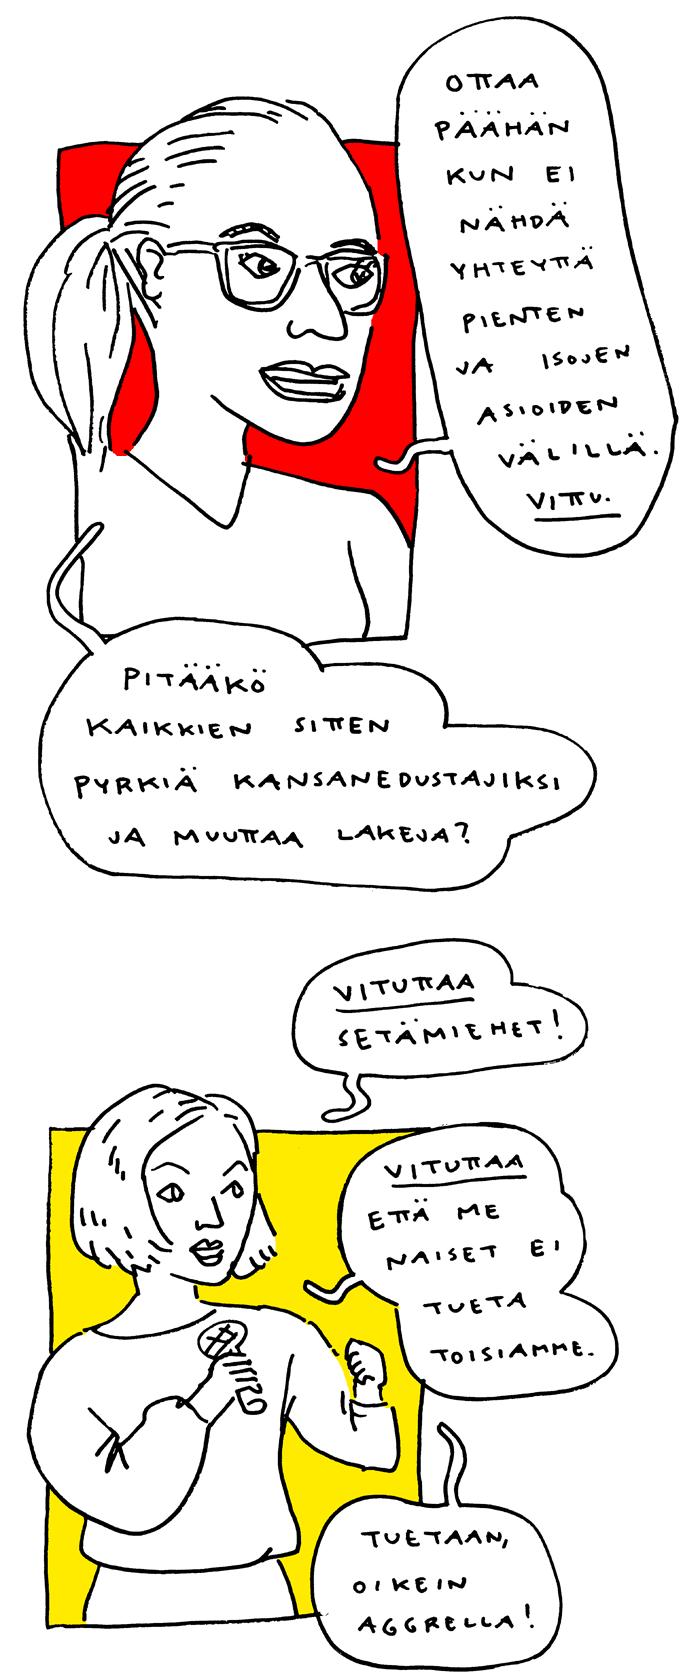 kiroiluiltama06